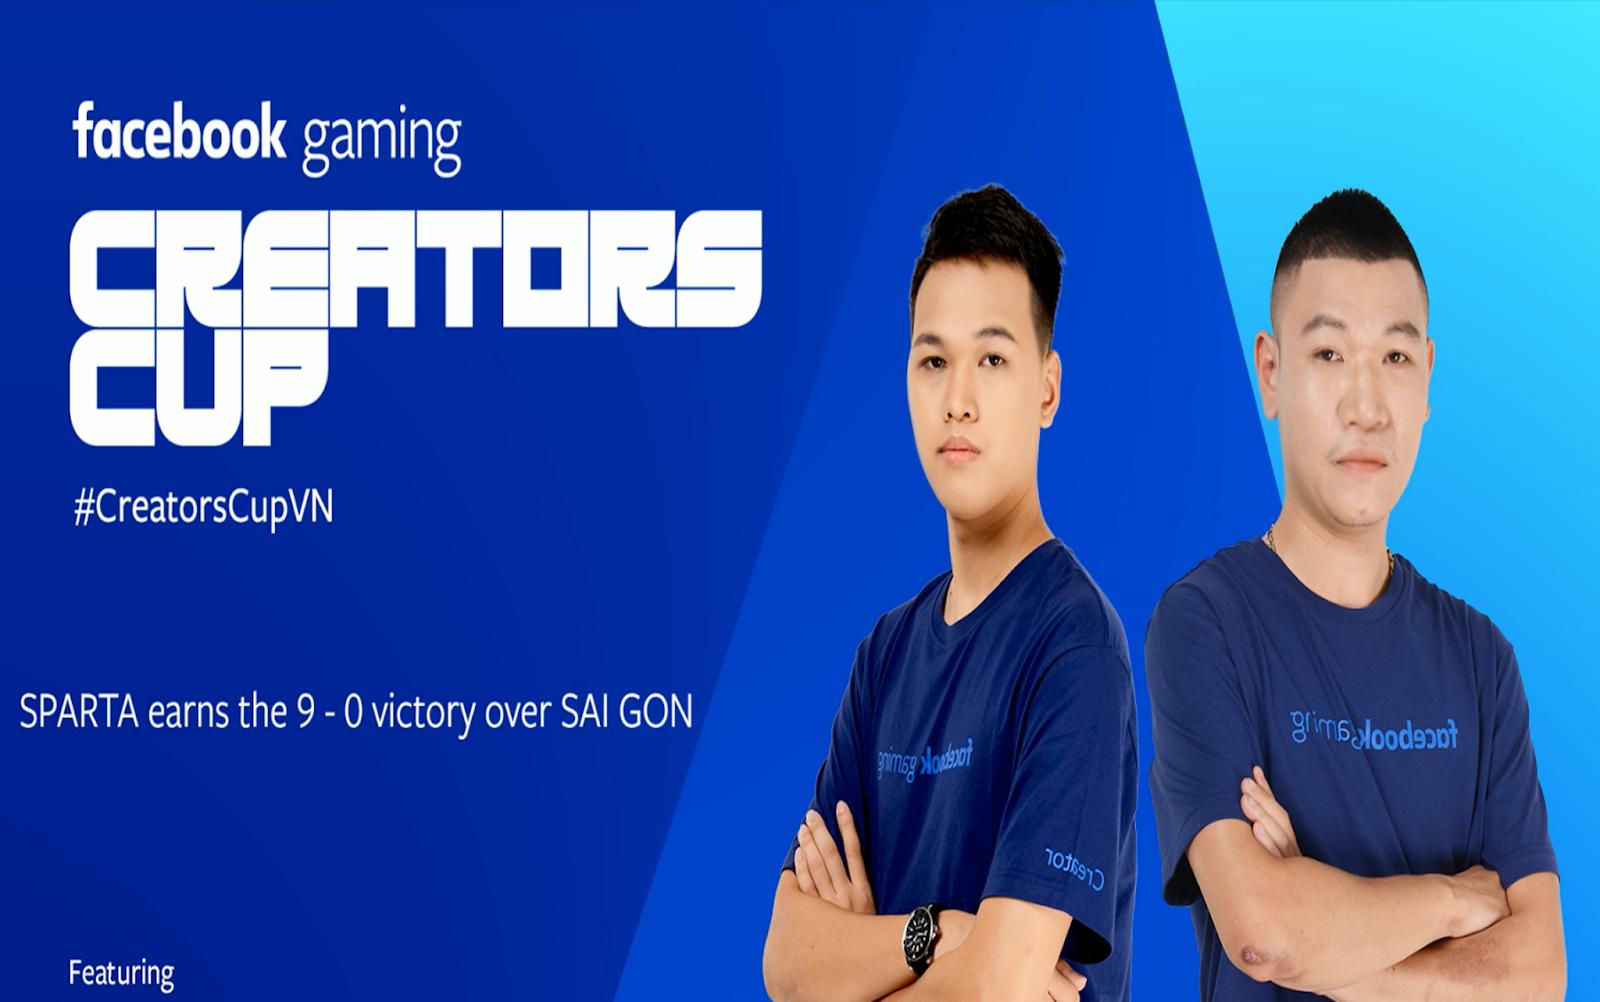 Vòng đấu thứ 4 giải đấu AoE Facebook Gaming Creators Cup 2019: Chiến thắng kỉ lục và màn lội ngược dòng kinh điển